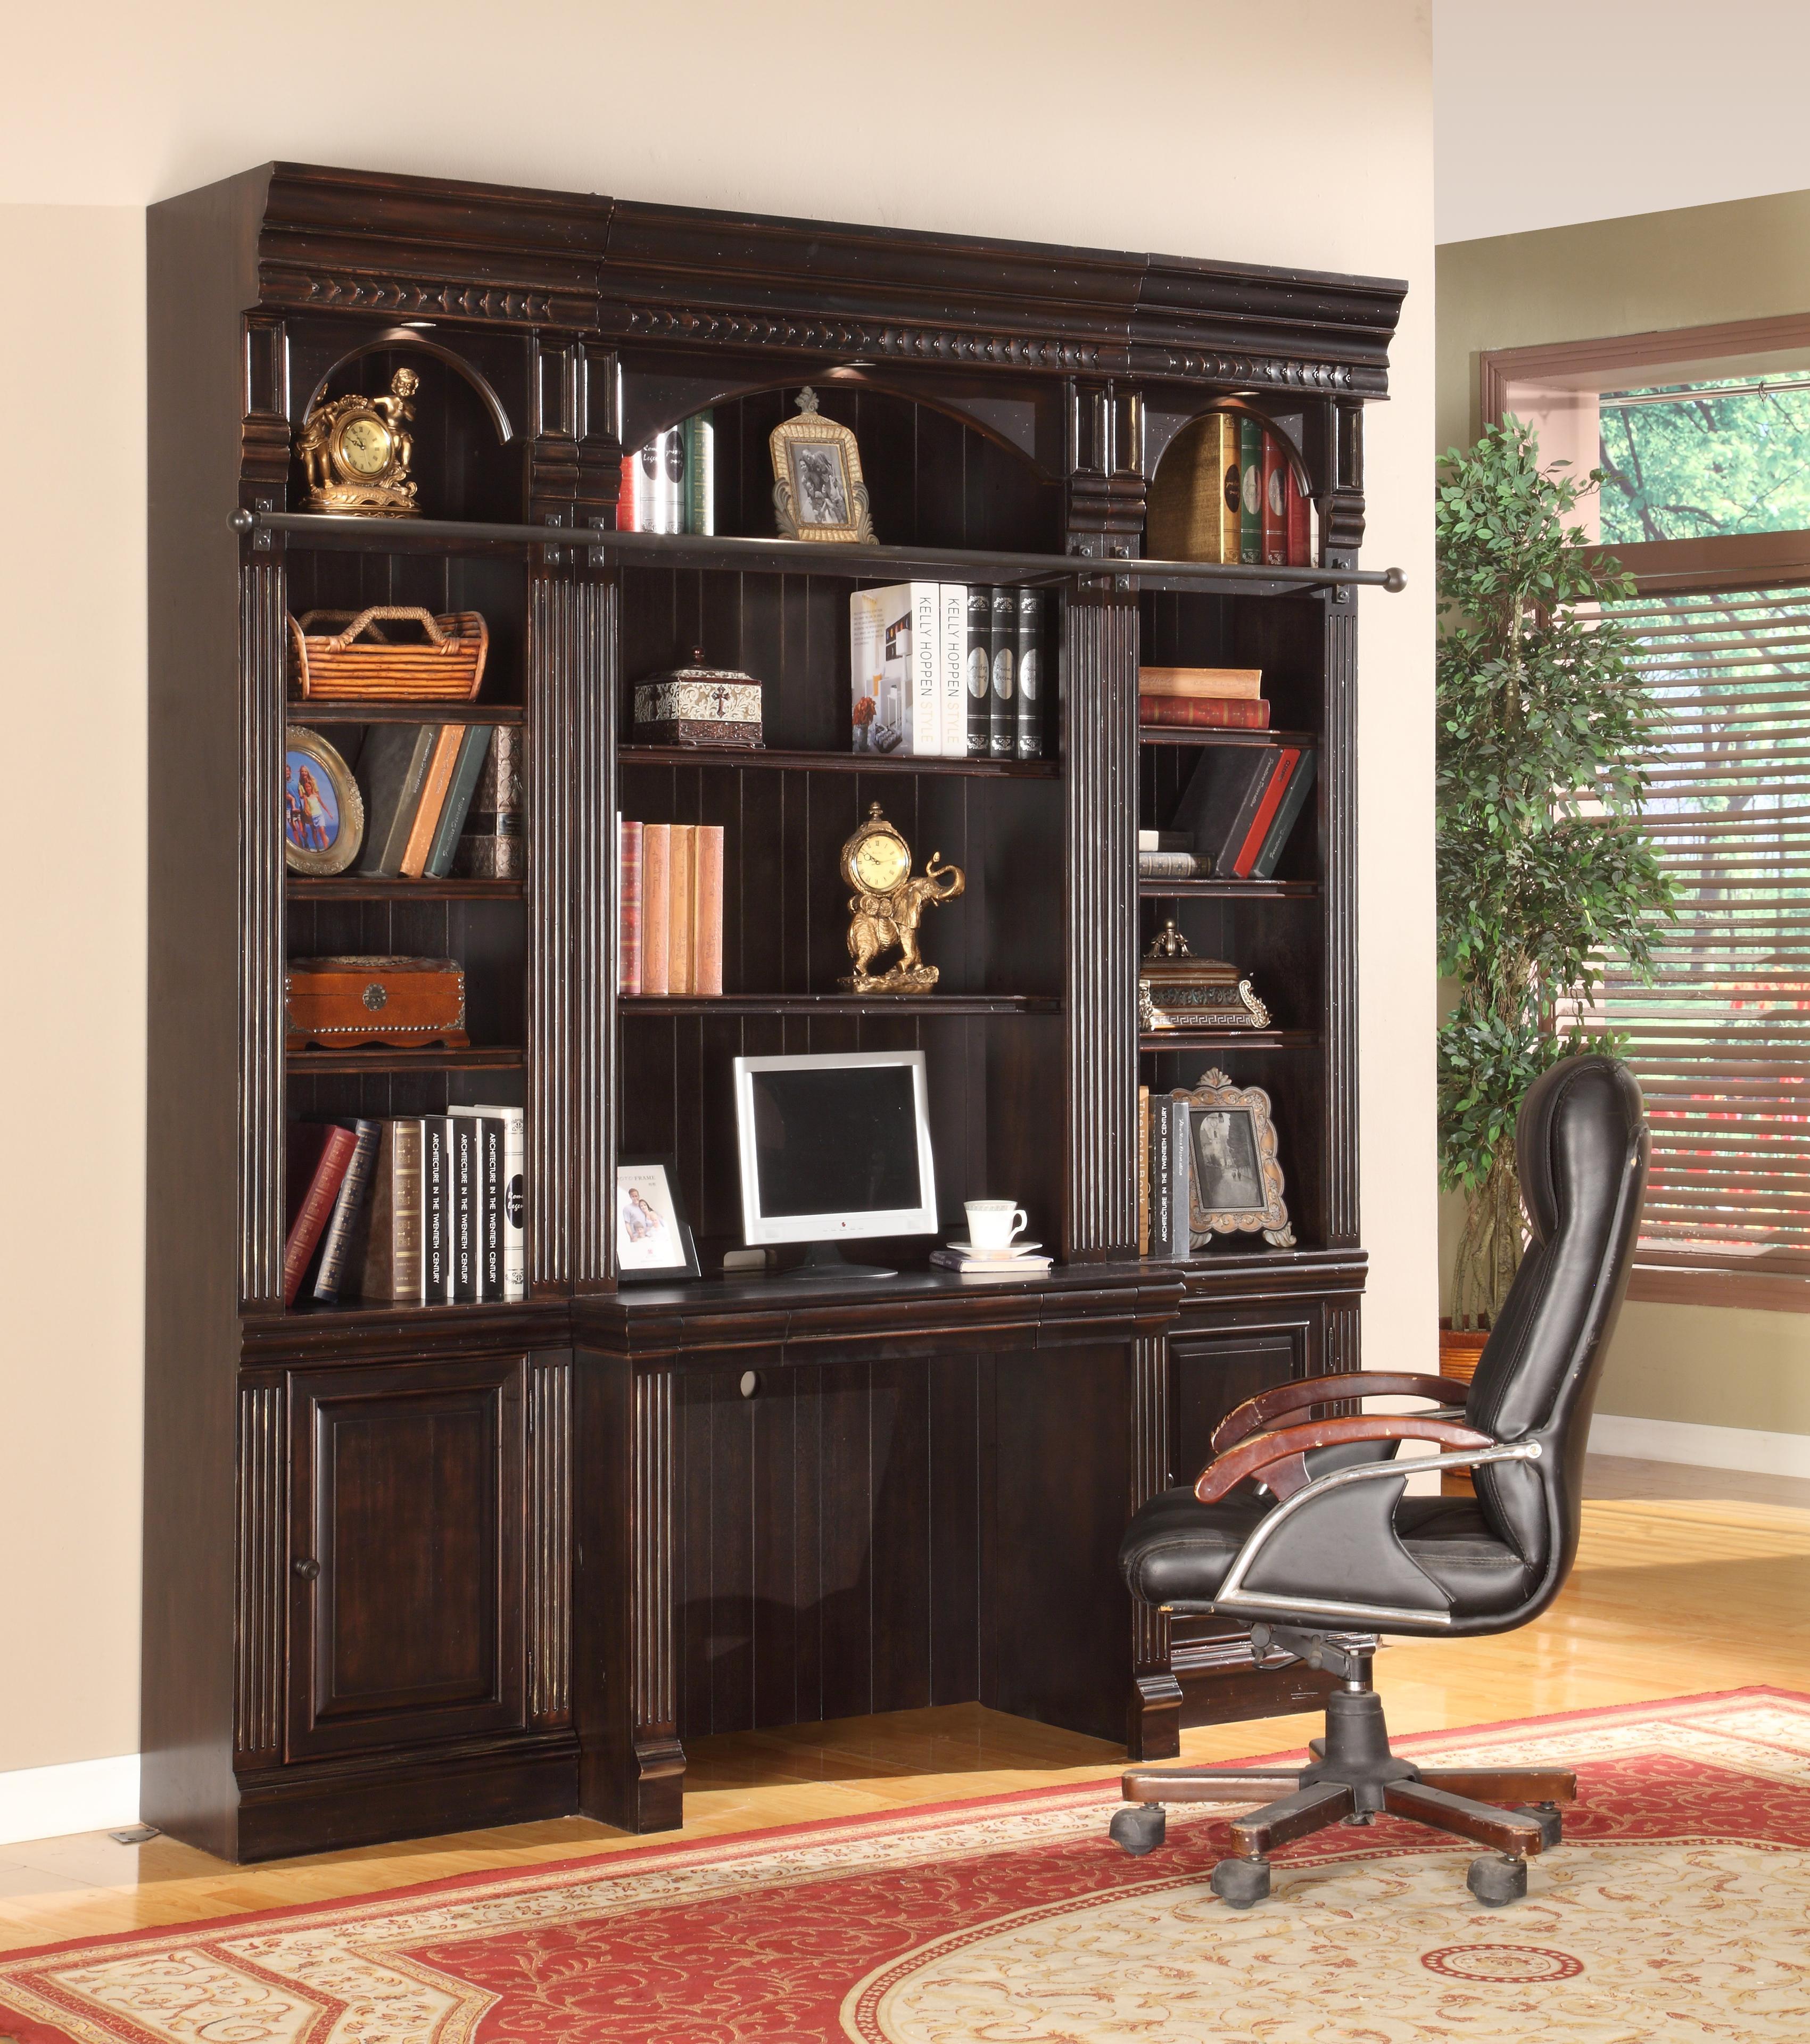 M.house - библиотека venezia со встроенным столом.